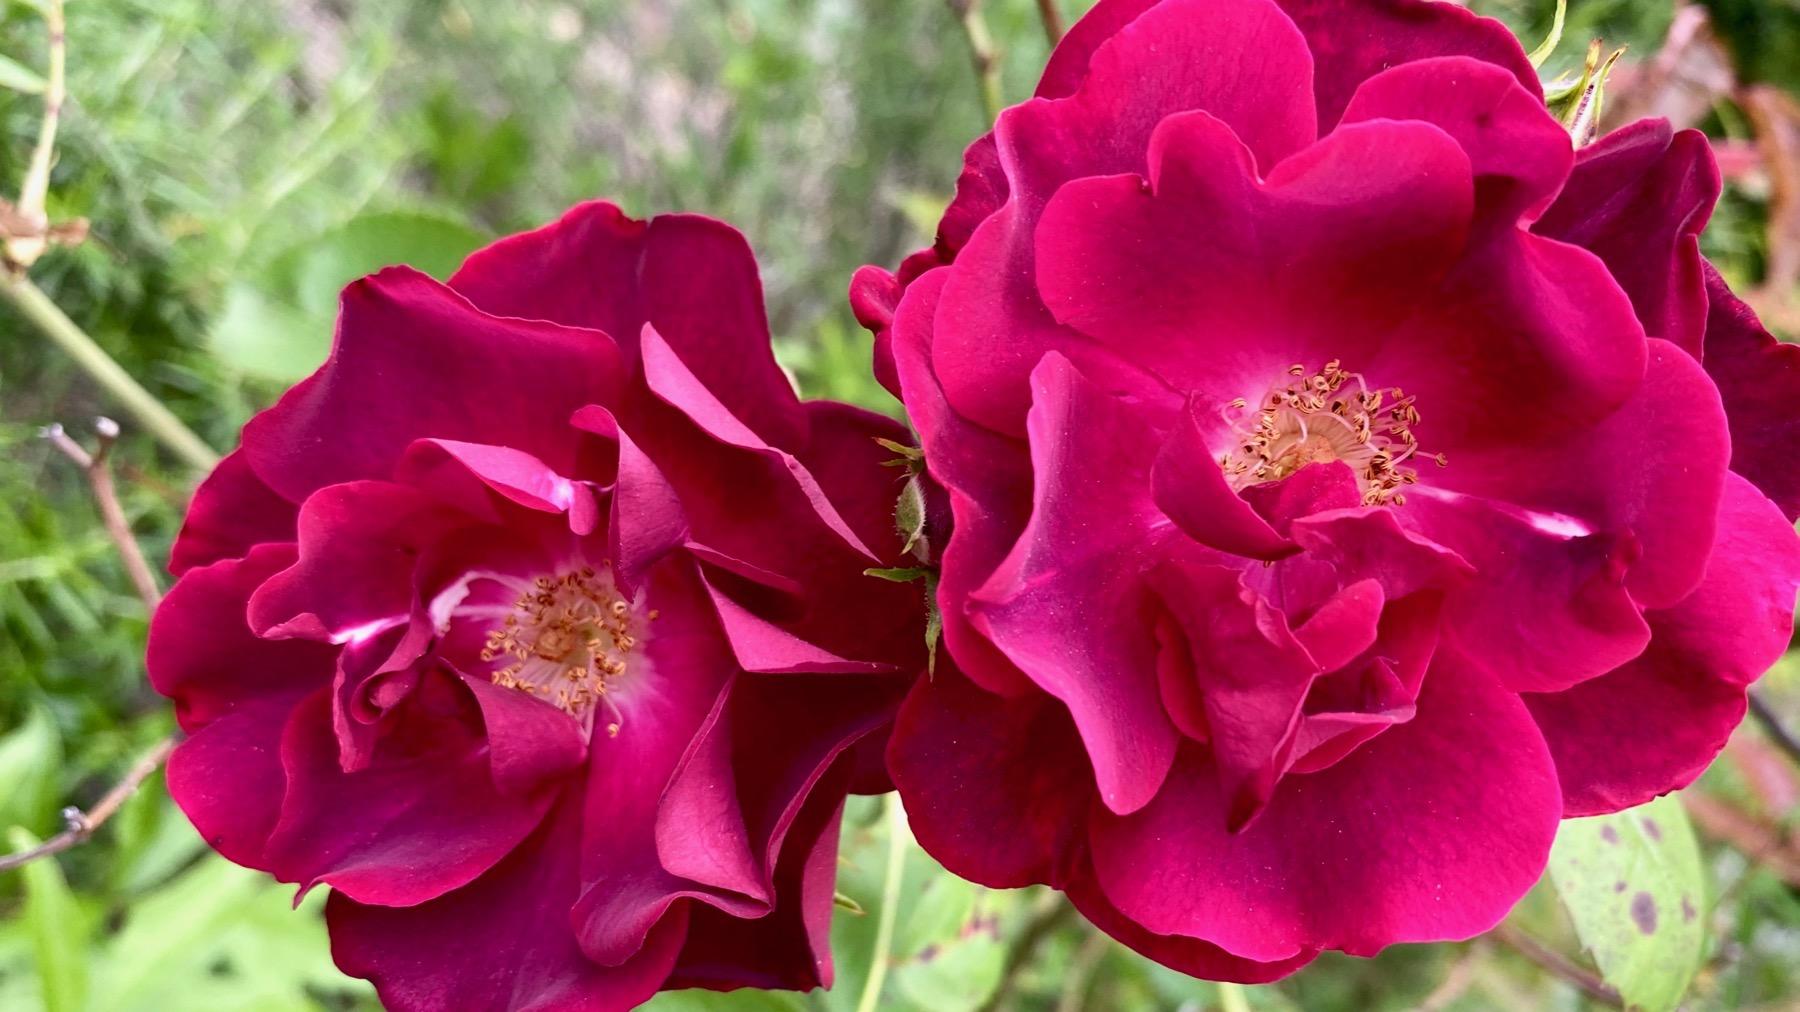 DK rose